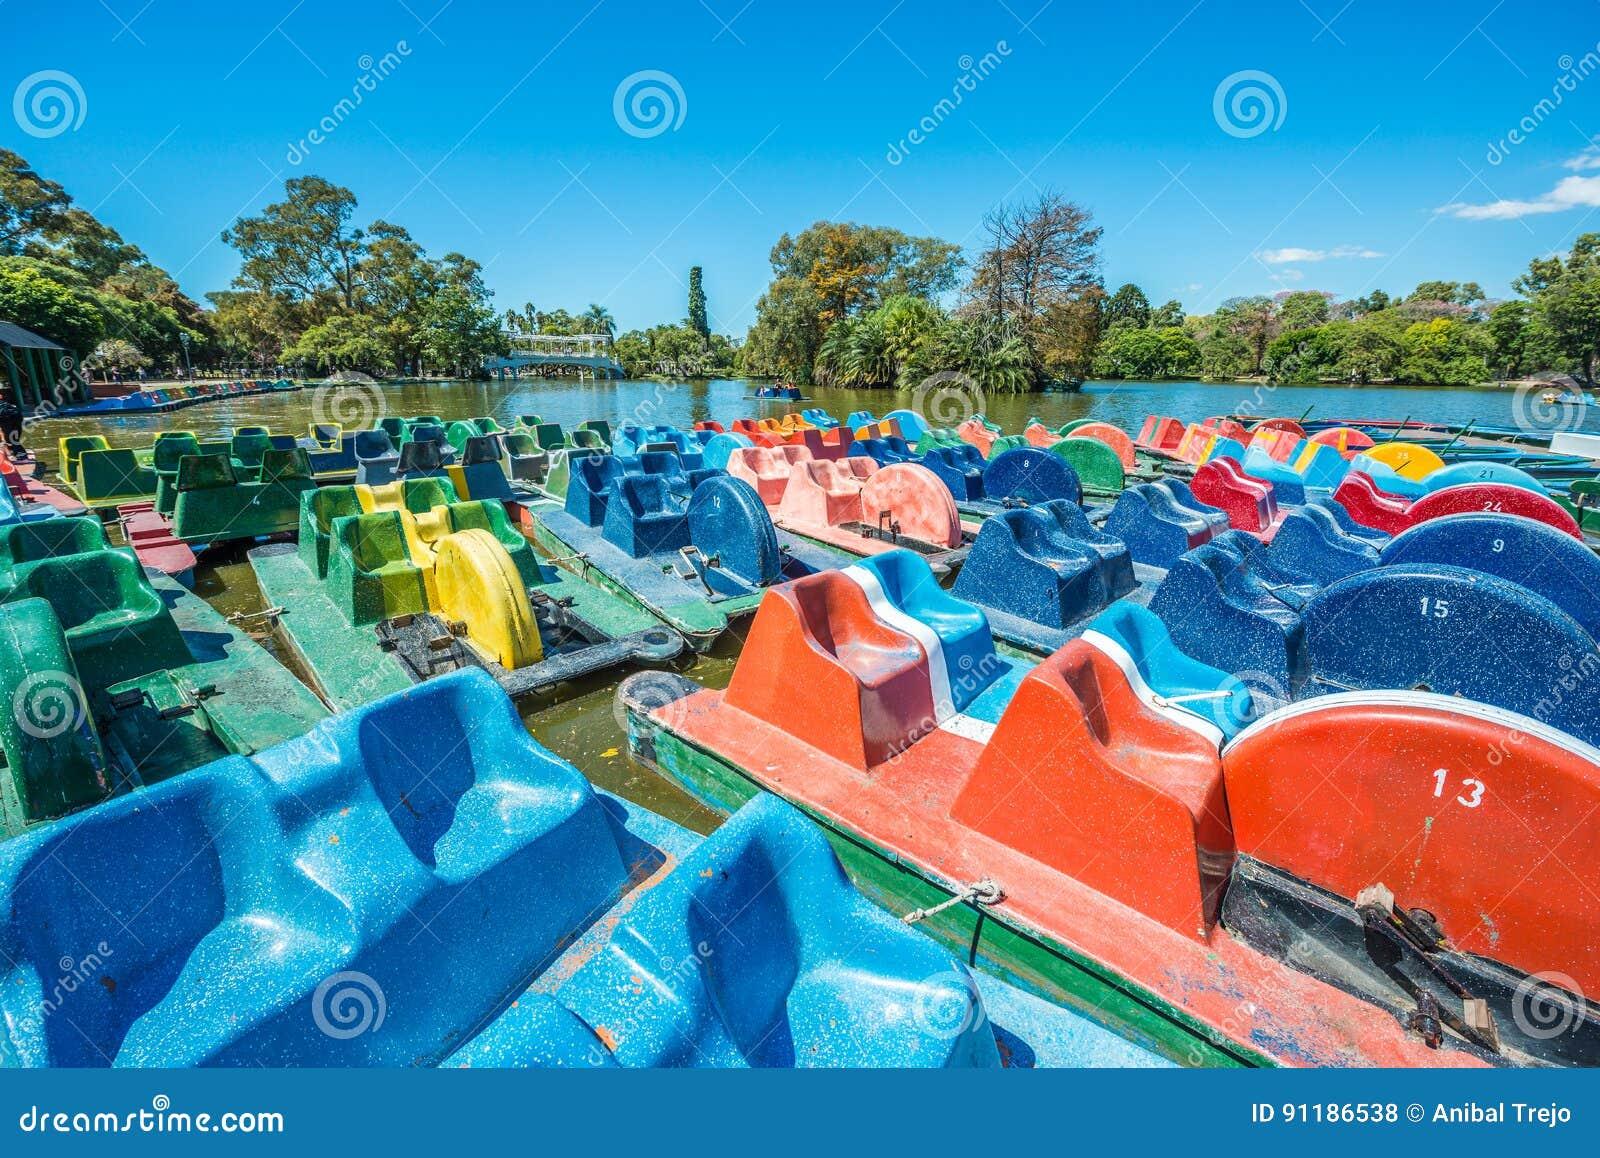 Boote auf Palermo-Holz in Buenos Aires, Argentinien